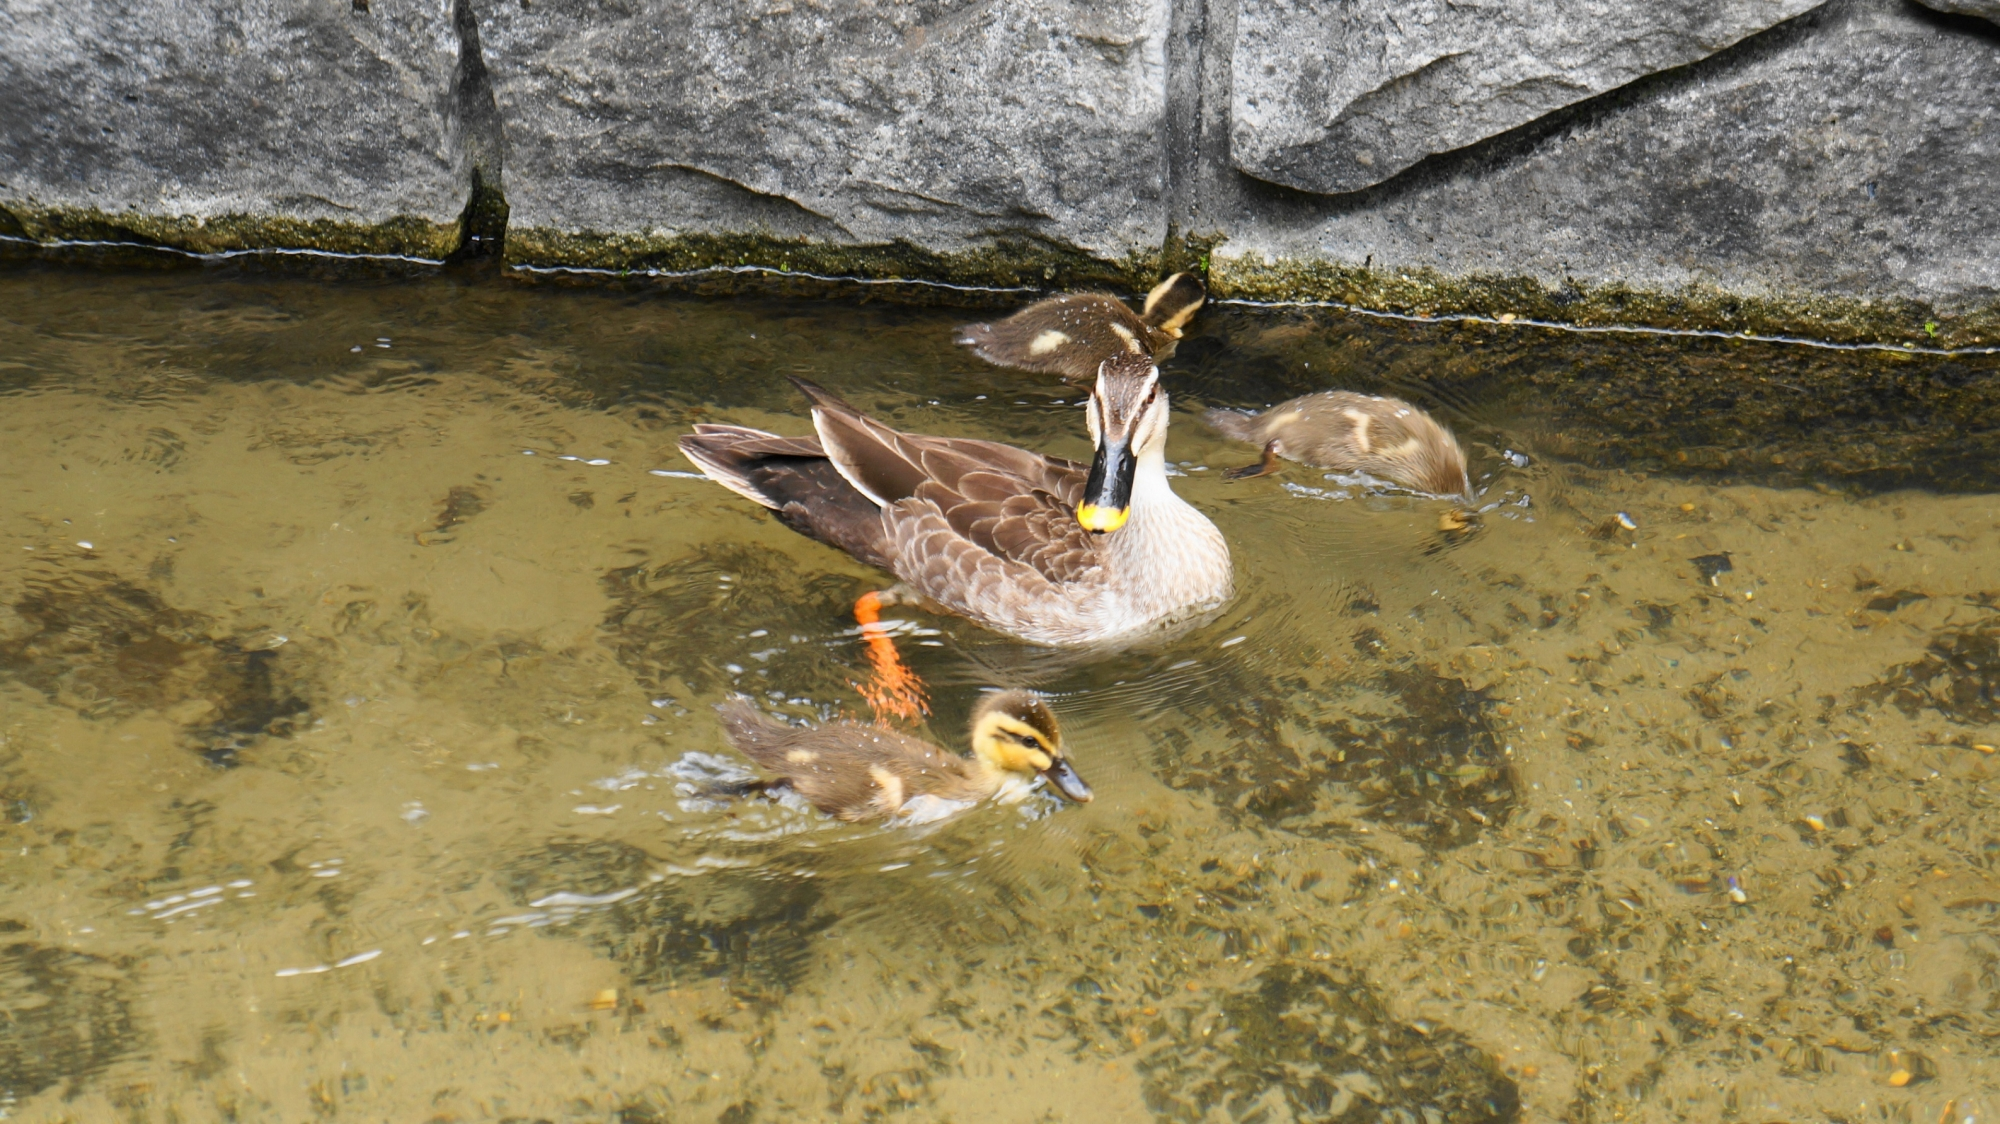 子鴨を優しく見守る親鴨の長閑で心和む情景